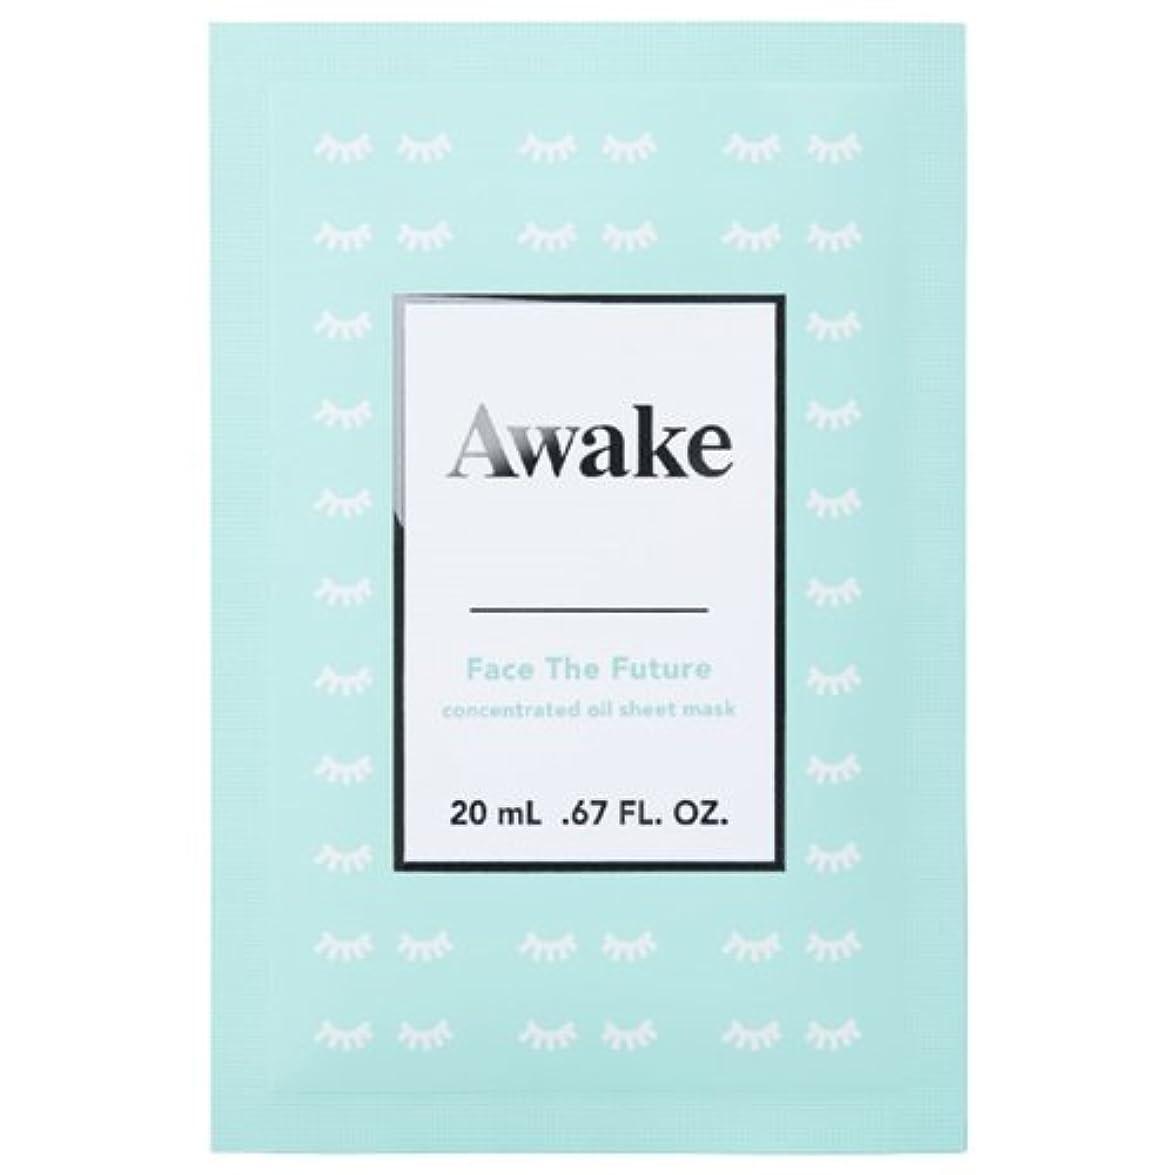 関数ユーモラスメタルラインアウェイク(AWAKE) Awake(アウェイク) フェイスザフューチャー コンセントレイティッド オイルシートマスク (20mL × 6枚入)